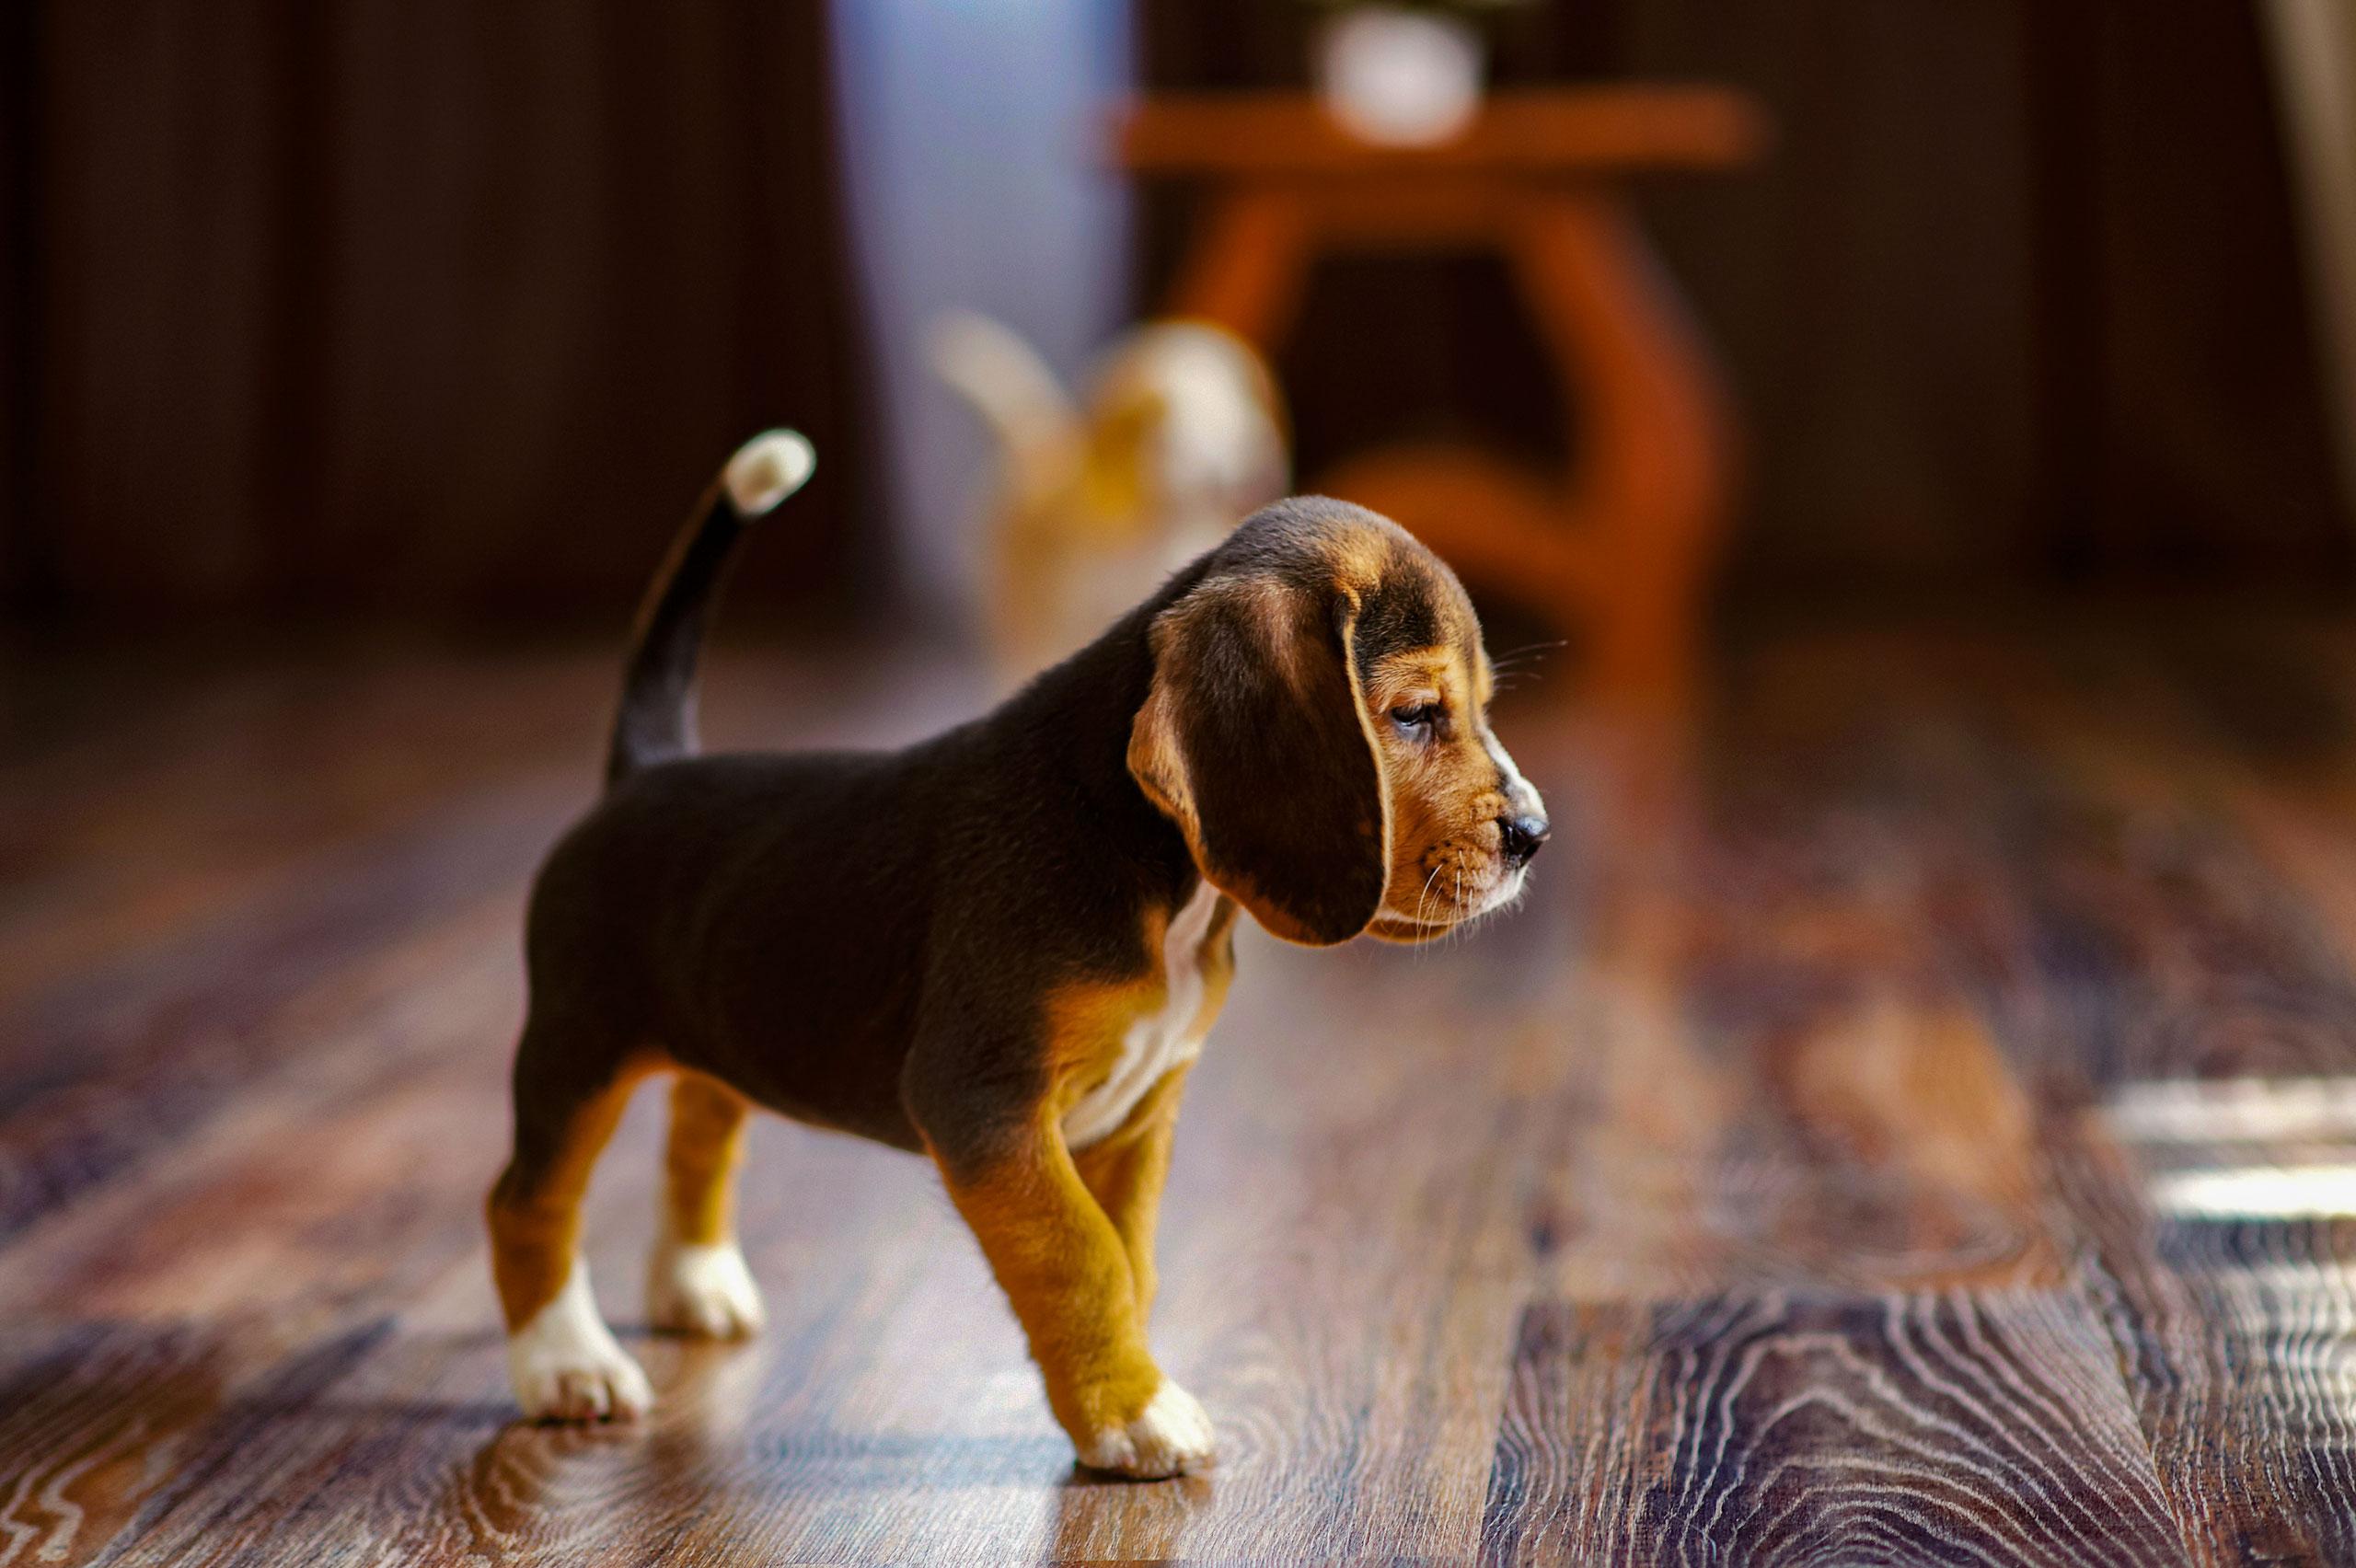 puppy on hardwood floor